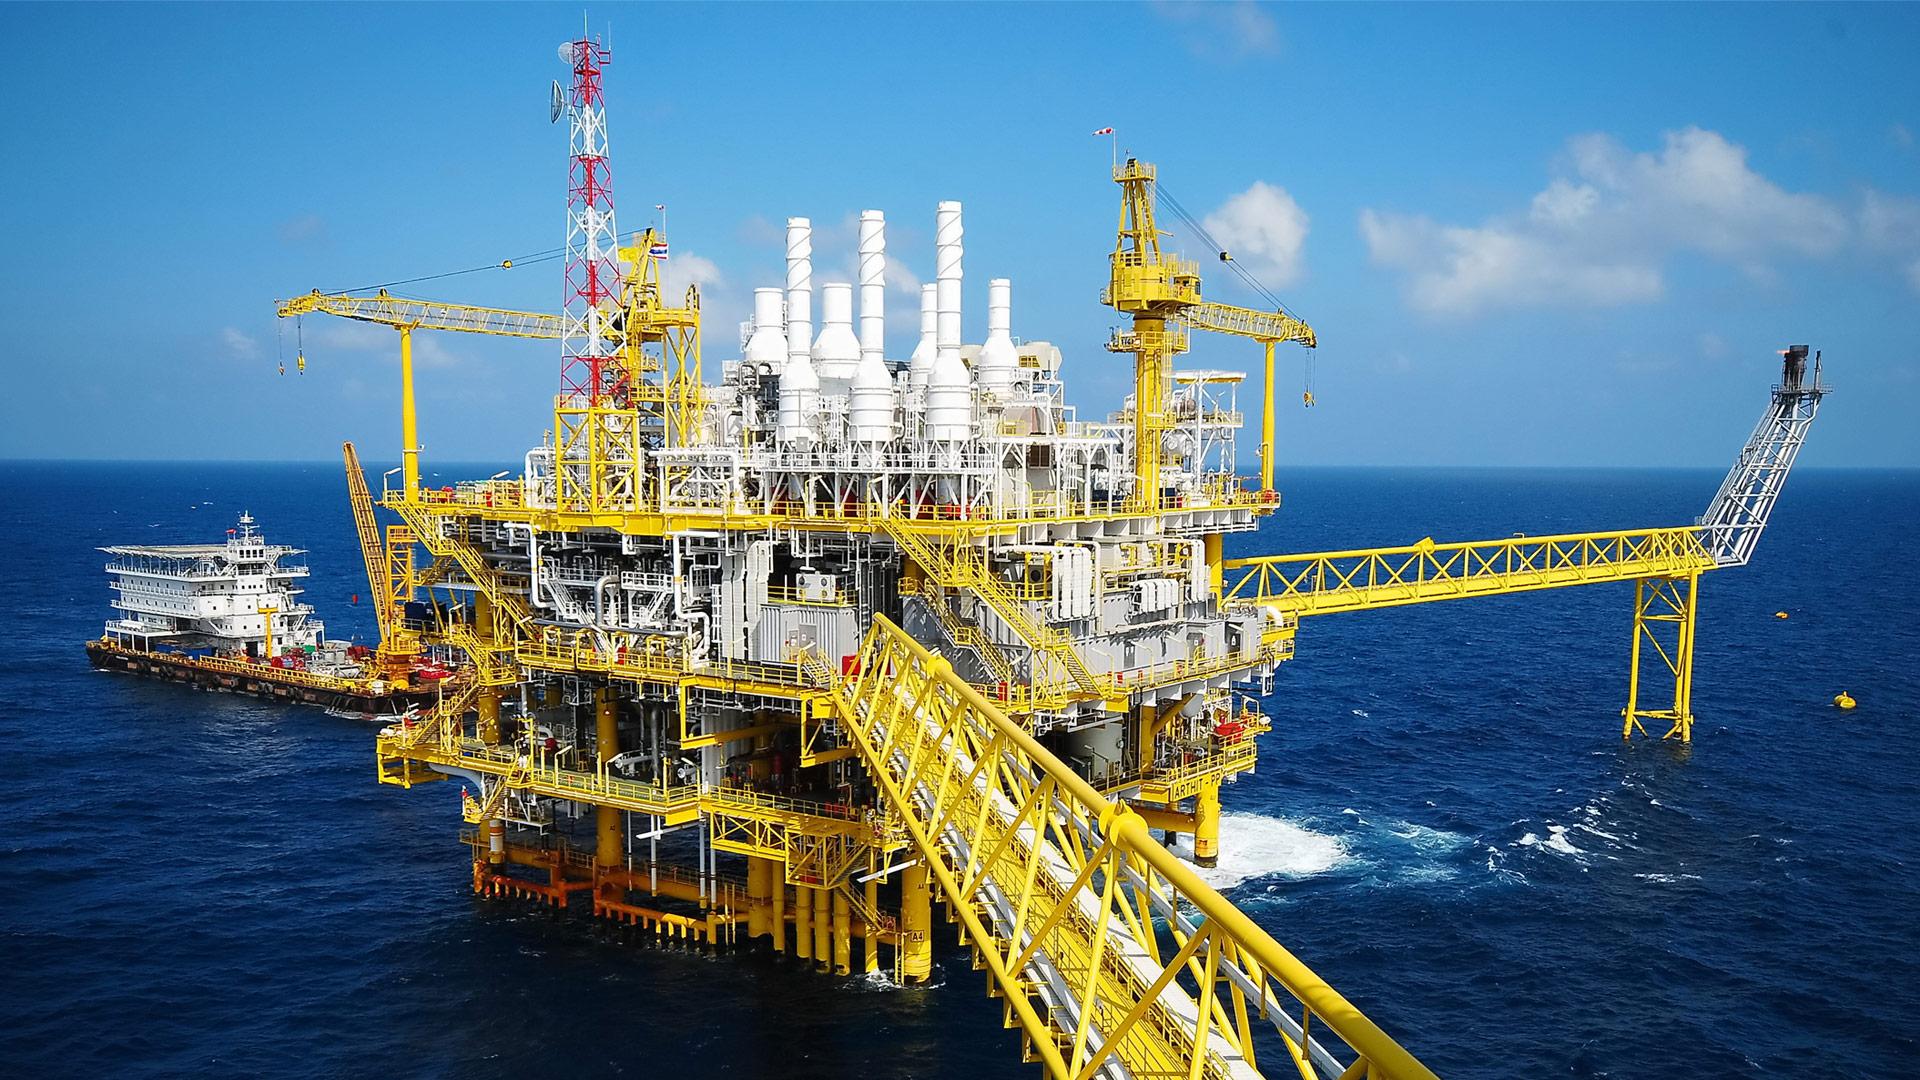 Offshore instrumentation platform